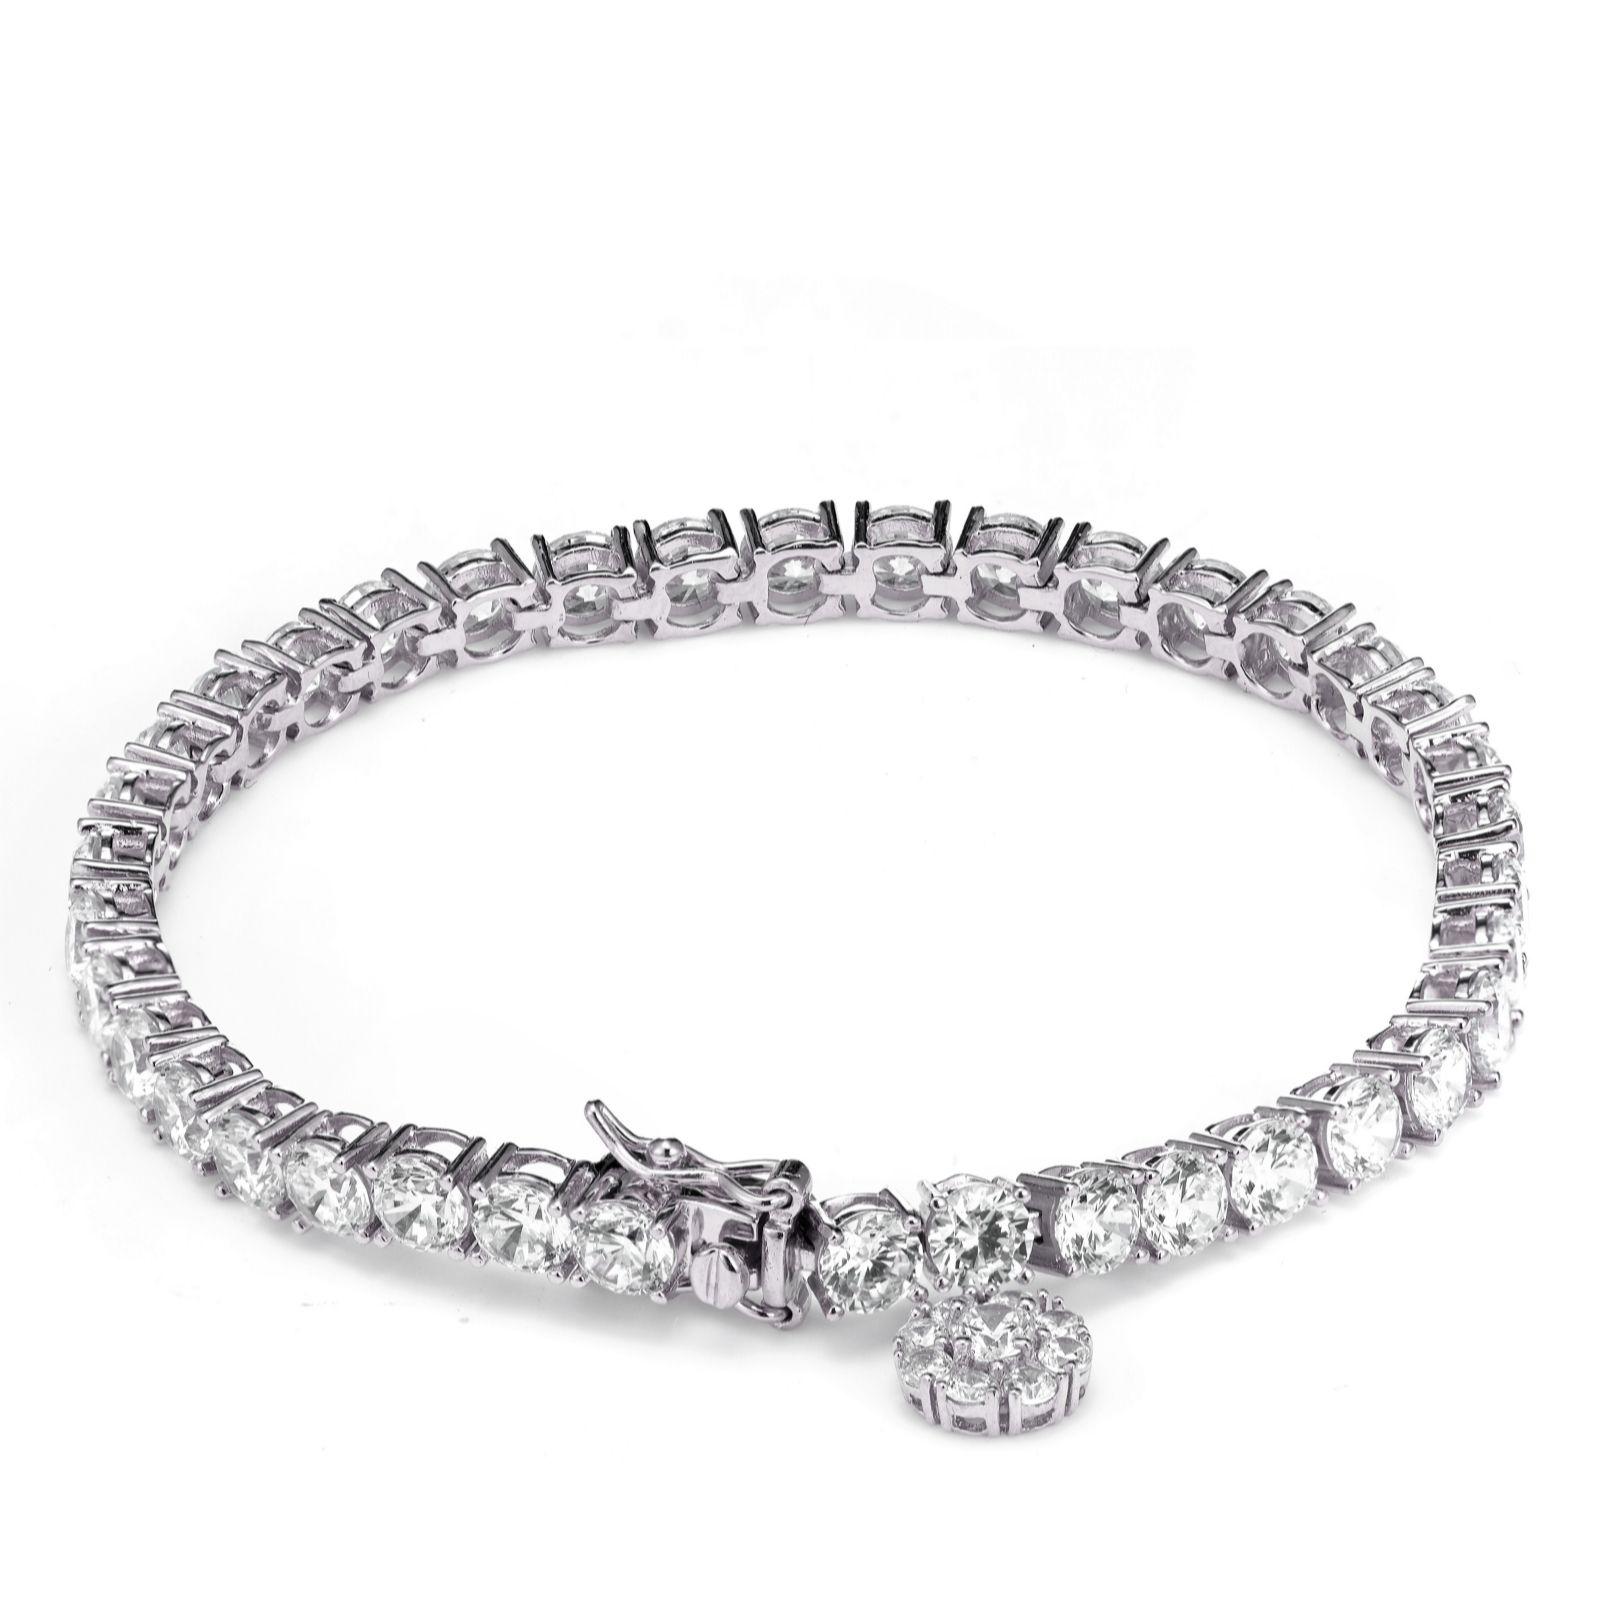 Tennis Charm Bracelet: Michelle Mone For Diamonique 13ct Tw Charm Tennis Bracelet